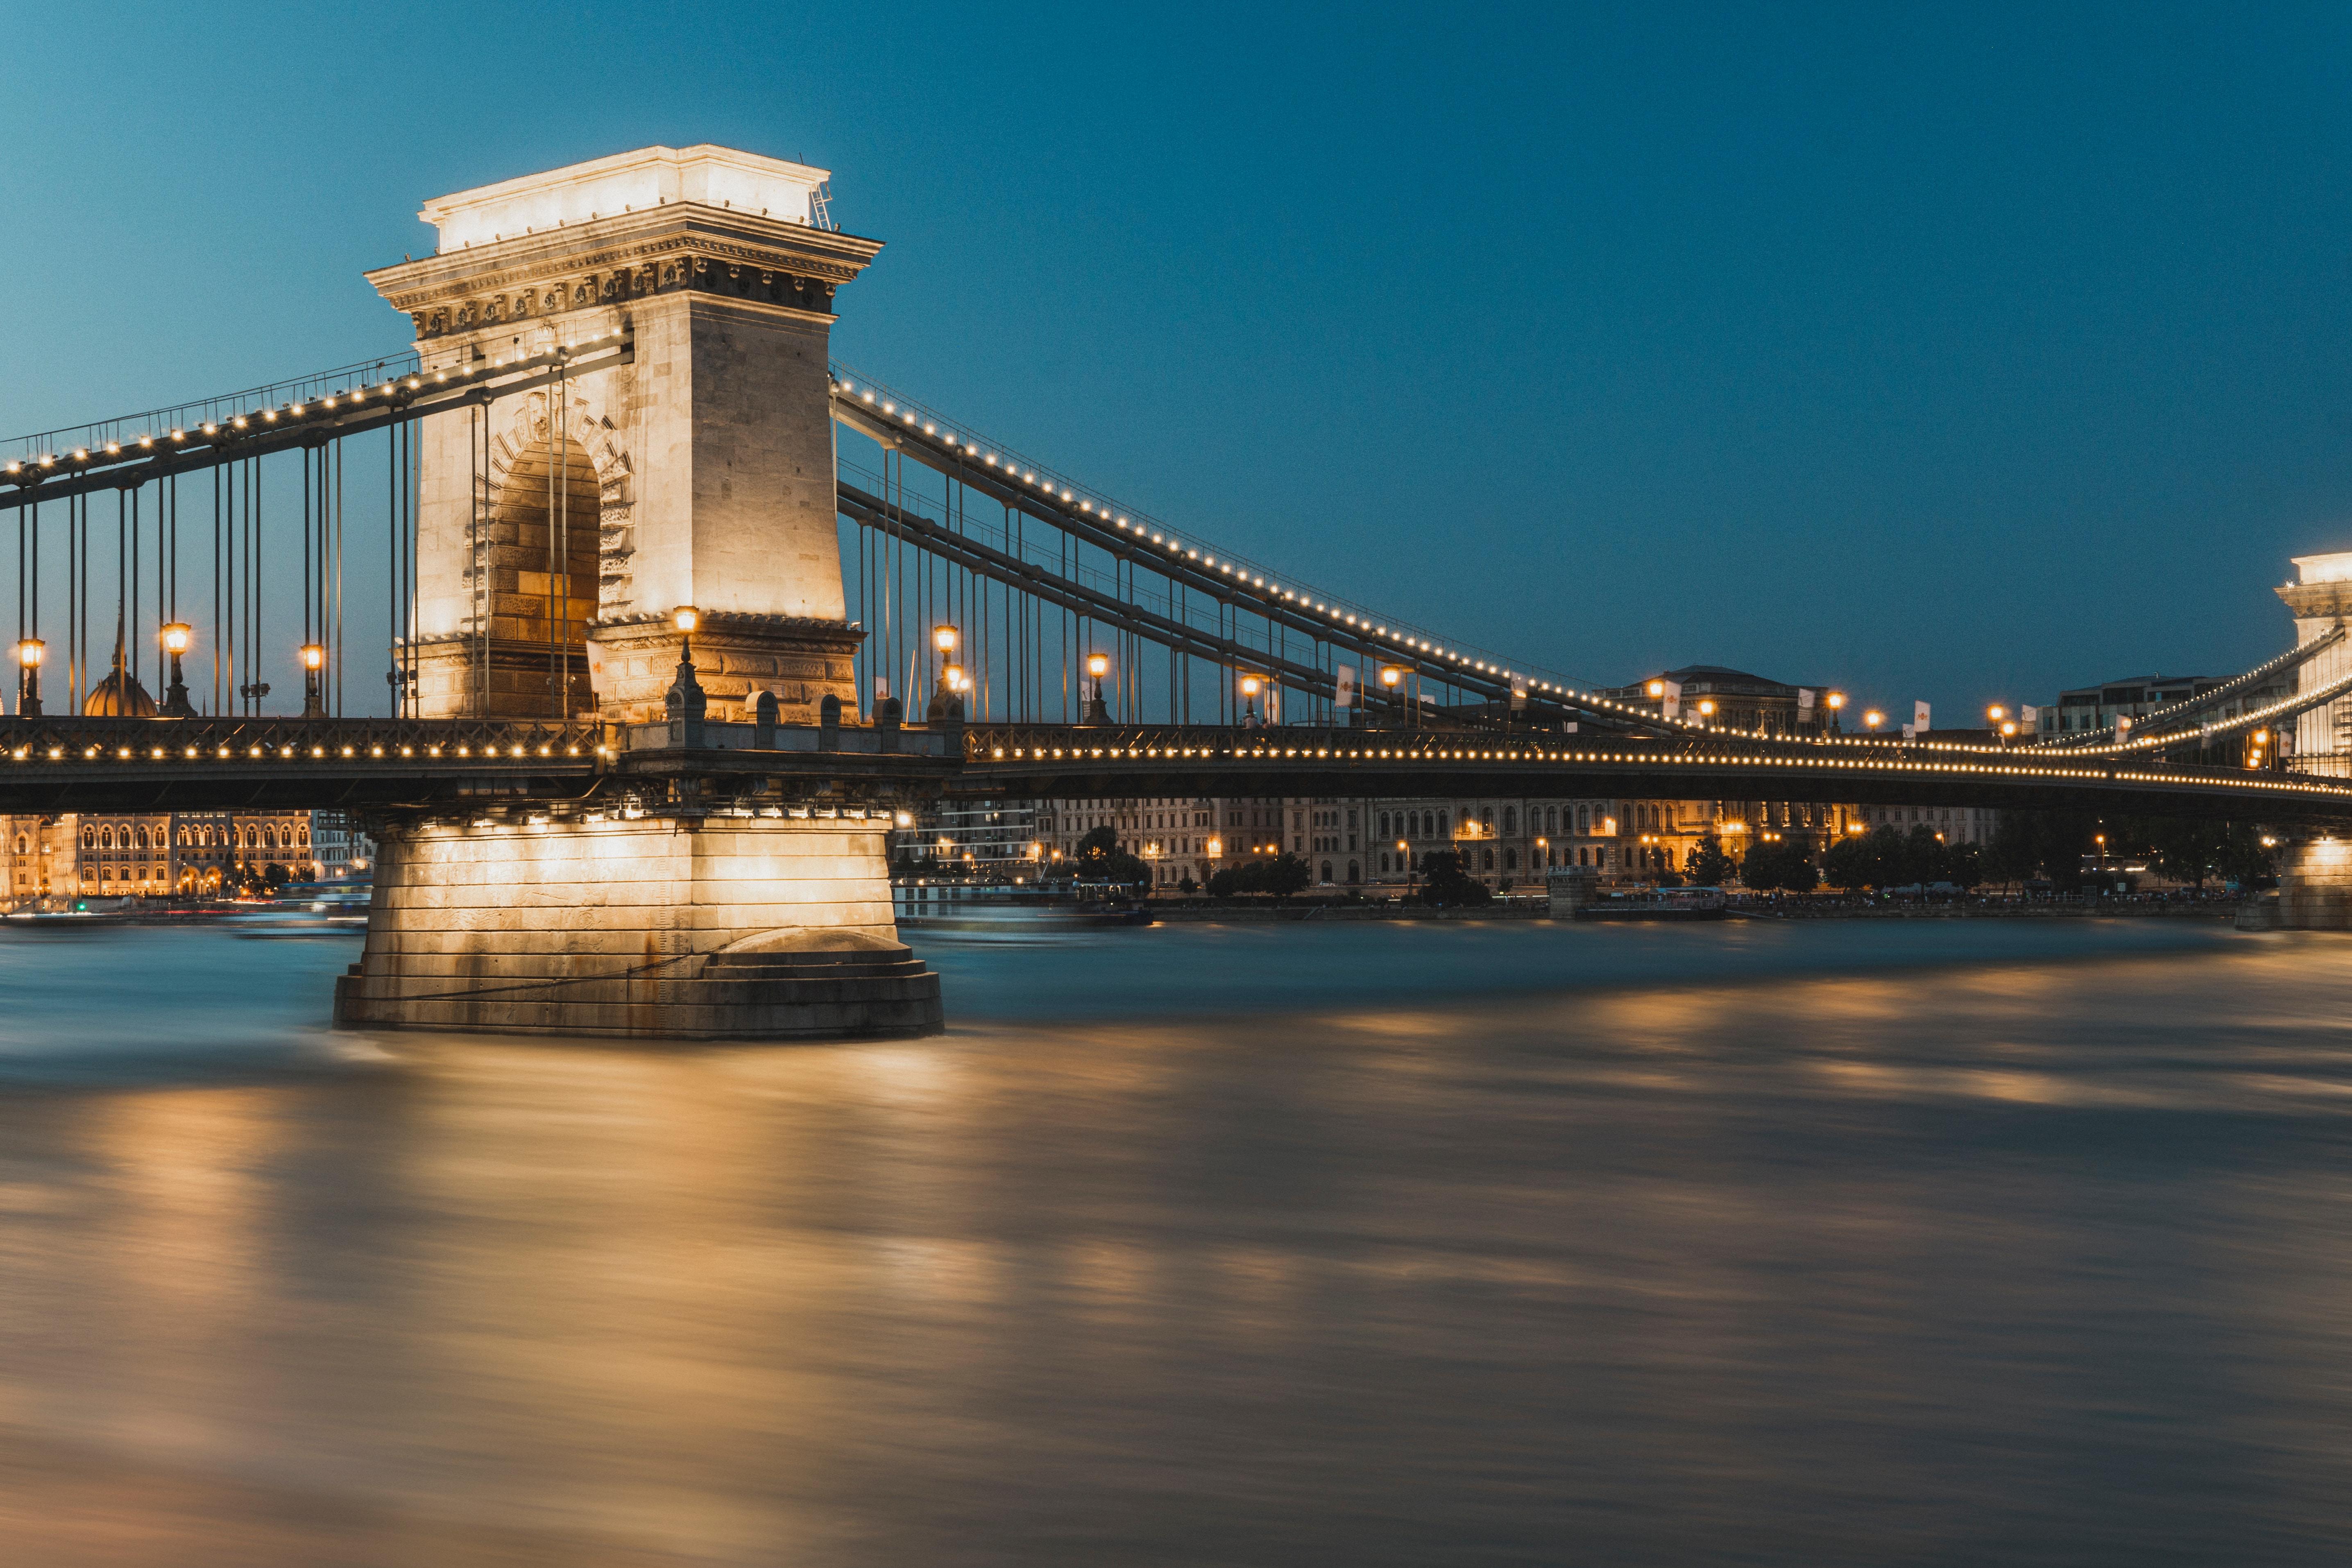 Image by Yanny Mishchuk